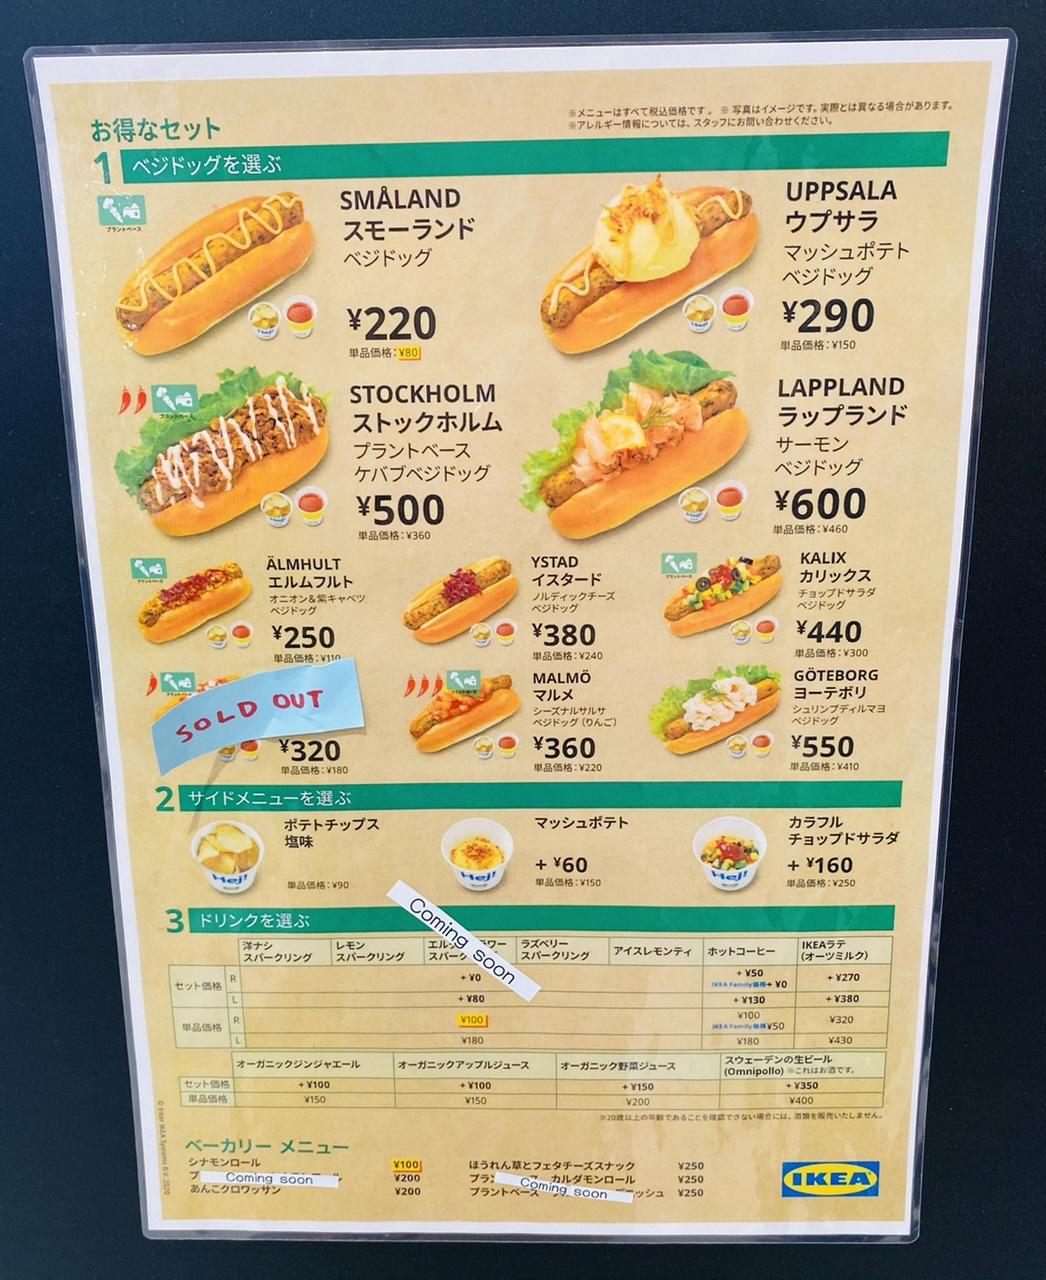 【IKEA渋谷】安すぎてヤバい!と大人気★コスパ最強《ベジドッグ》は絶対食べて♡_3